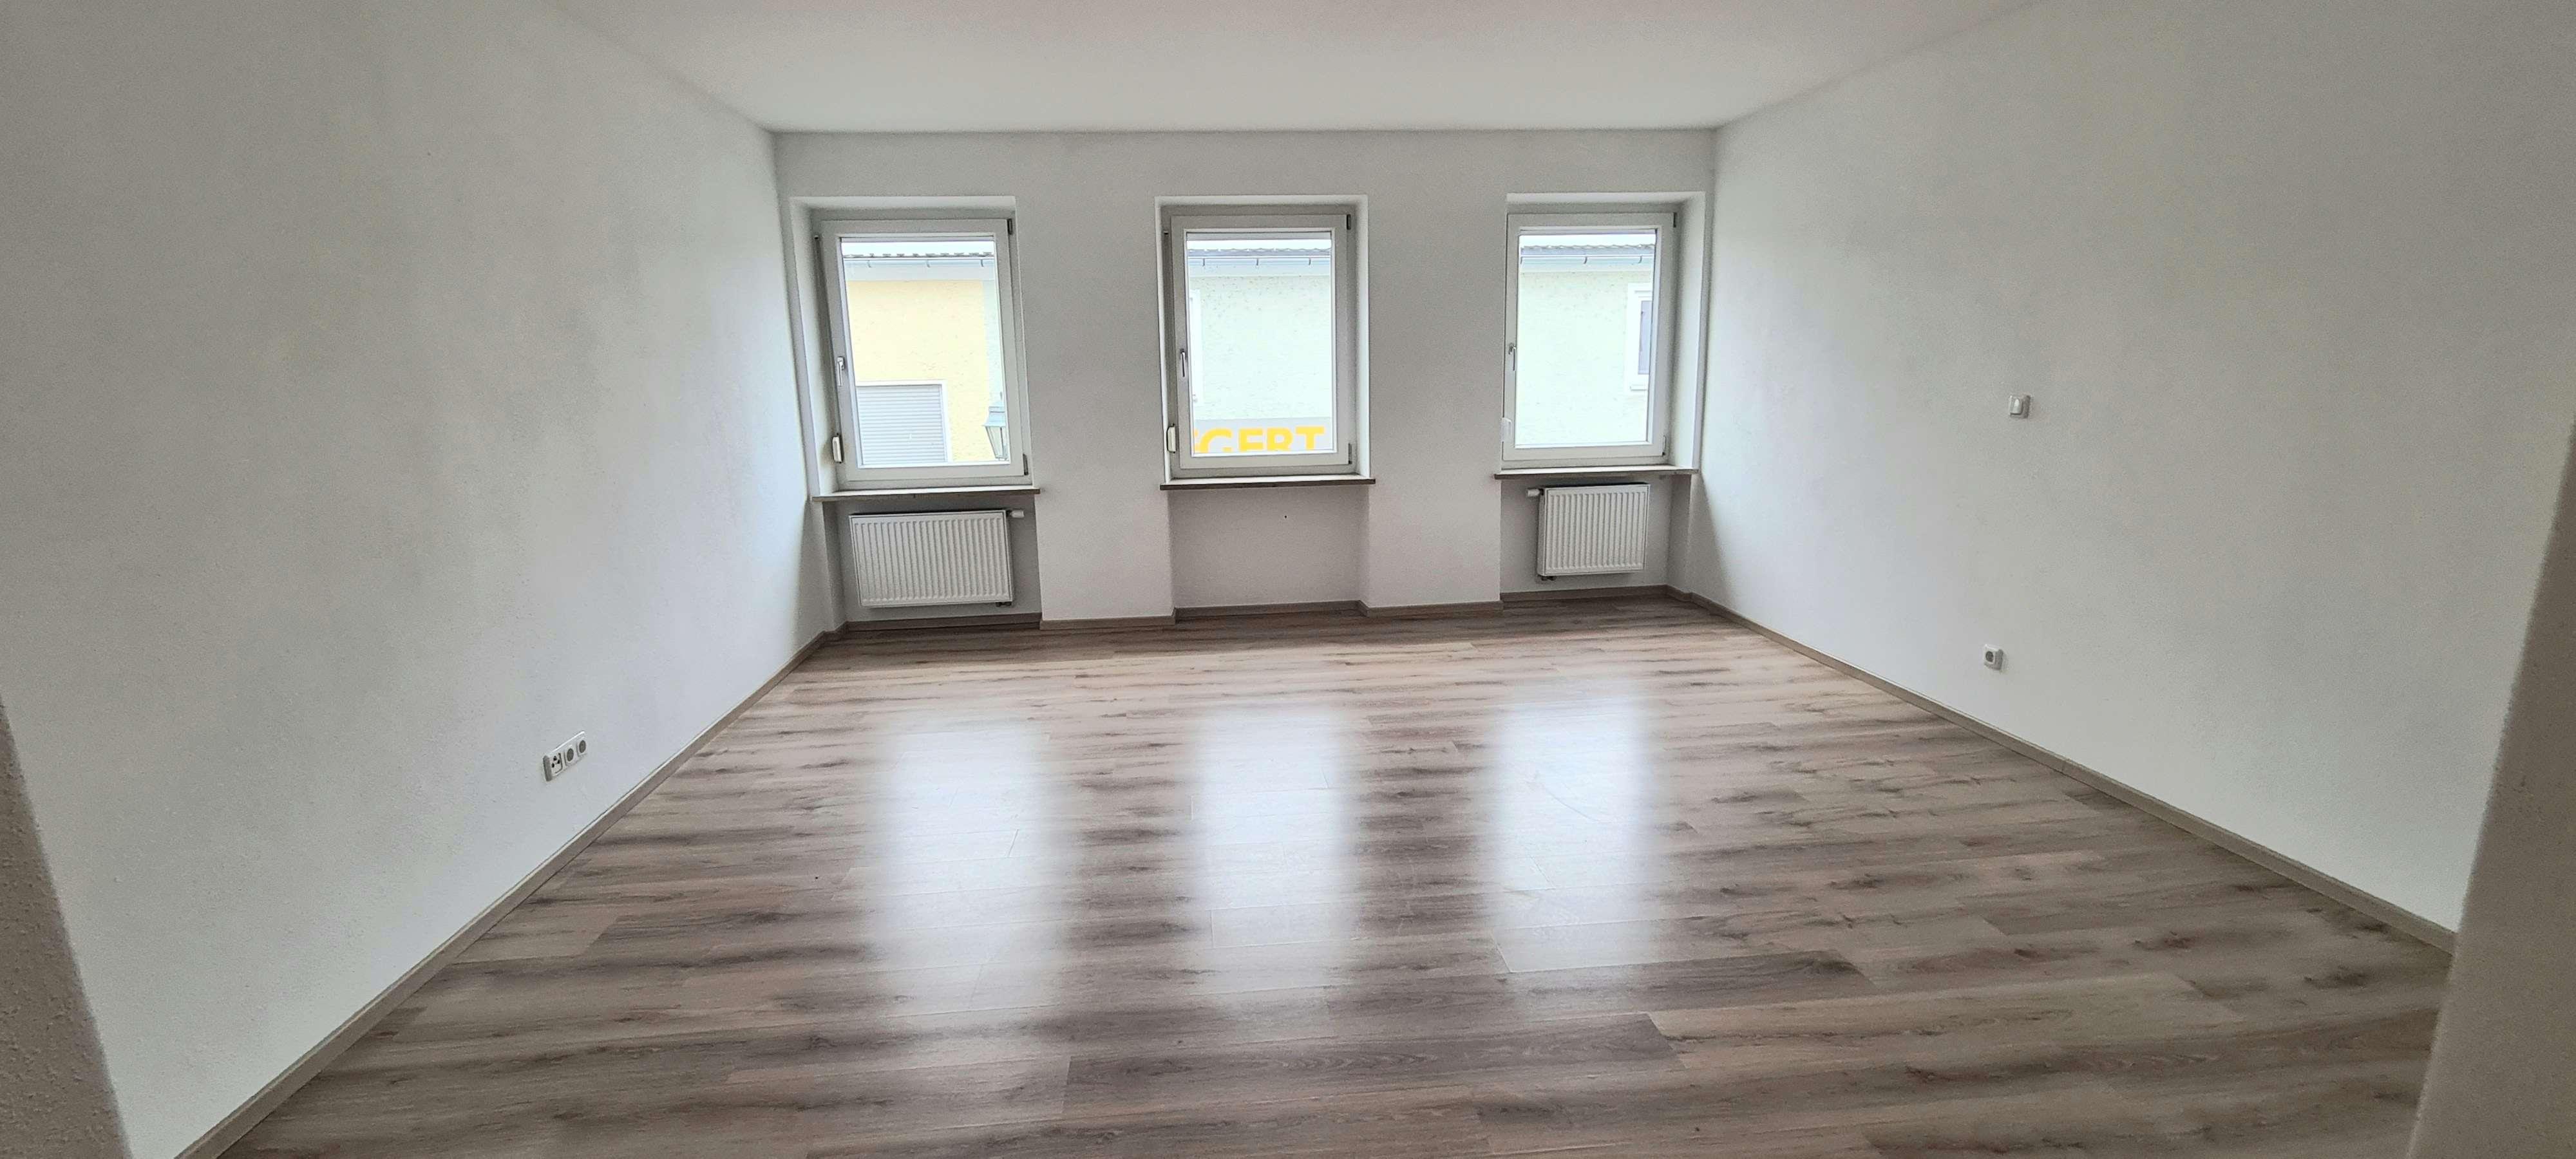 Ansprechende, neuwertige 3-Zimmer- Wohnung mit gehobener Innenausstattung in Aichach in